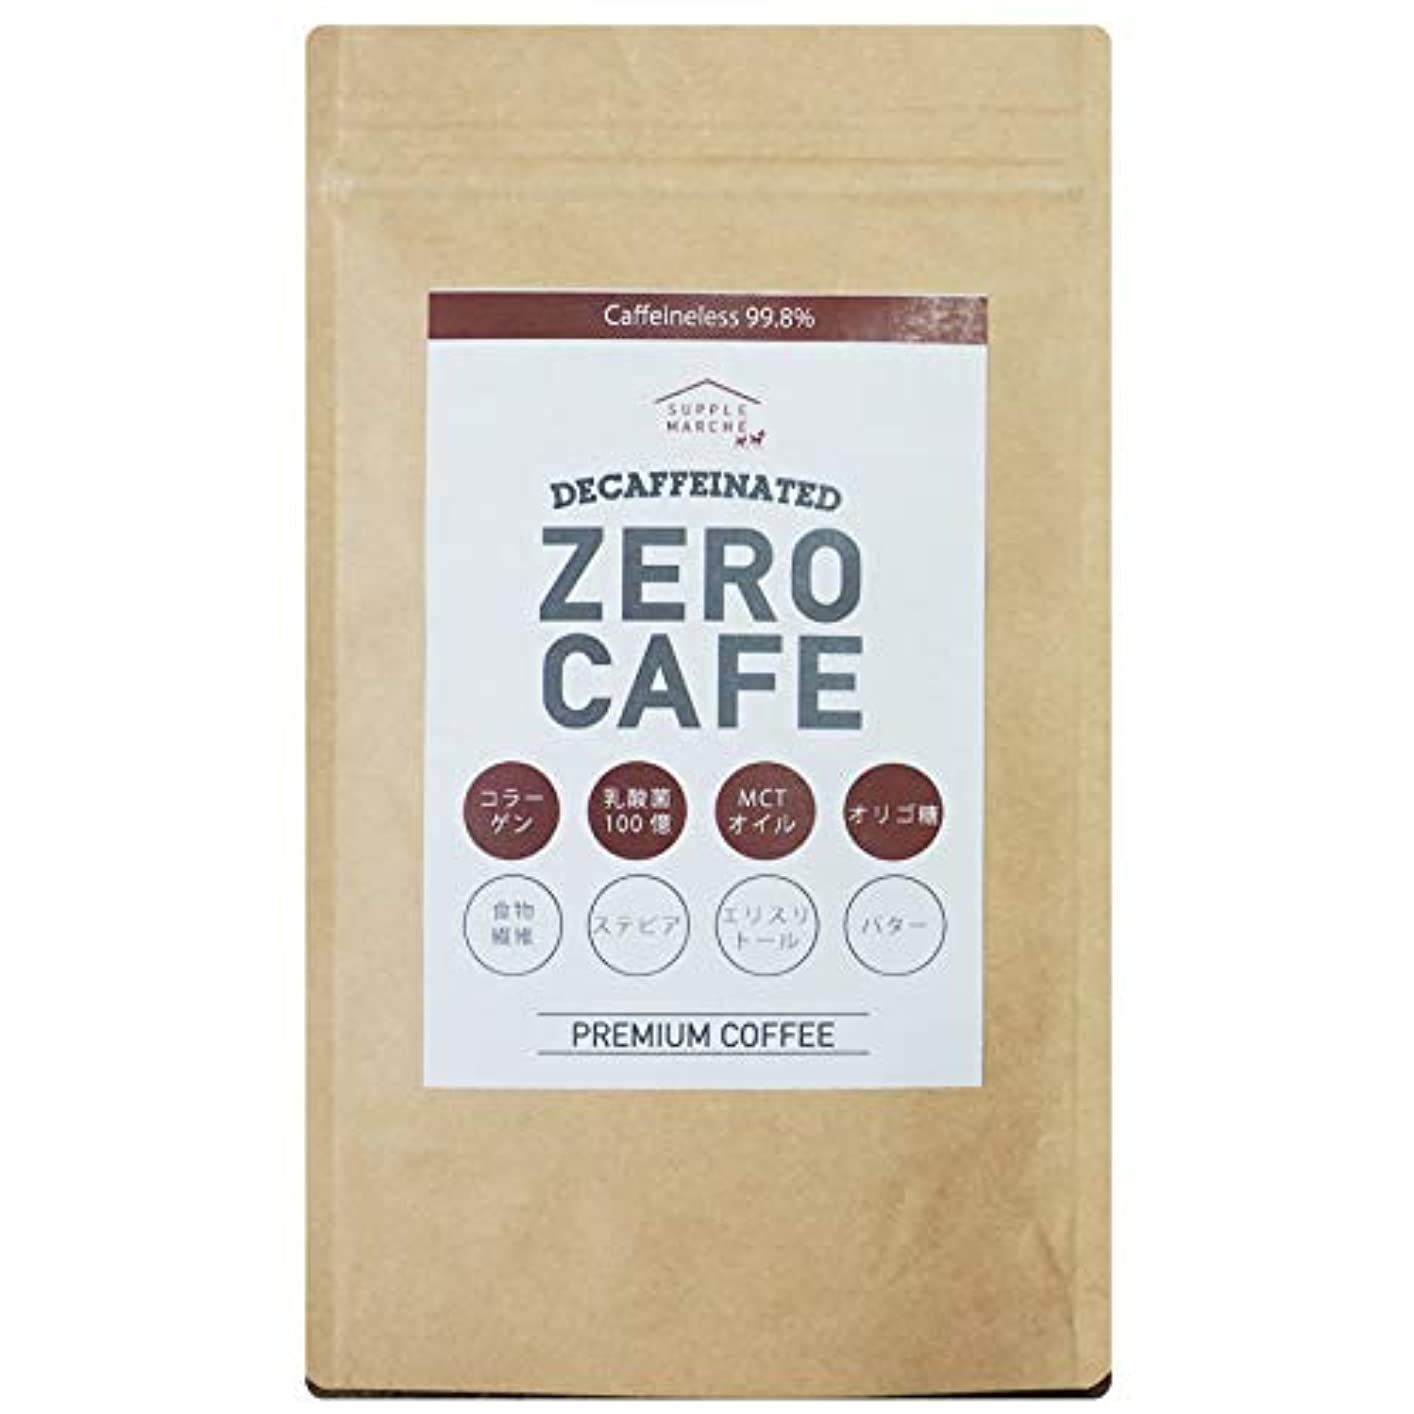 一般的にピアニストパシフィックダイエットコーヒー デカフェ バターコーヒー 90g (約30杯) アイスコーヒー カフェインレス MCTオイル 乳酸菌 コラーゲン オリゴ糖 ダイエット シリコンバレー式